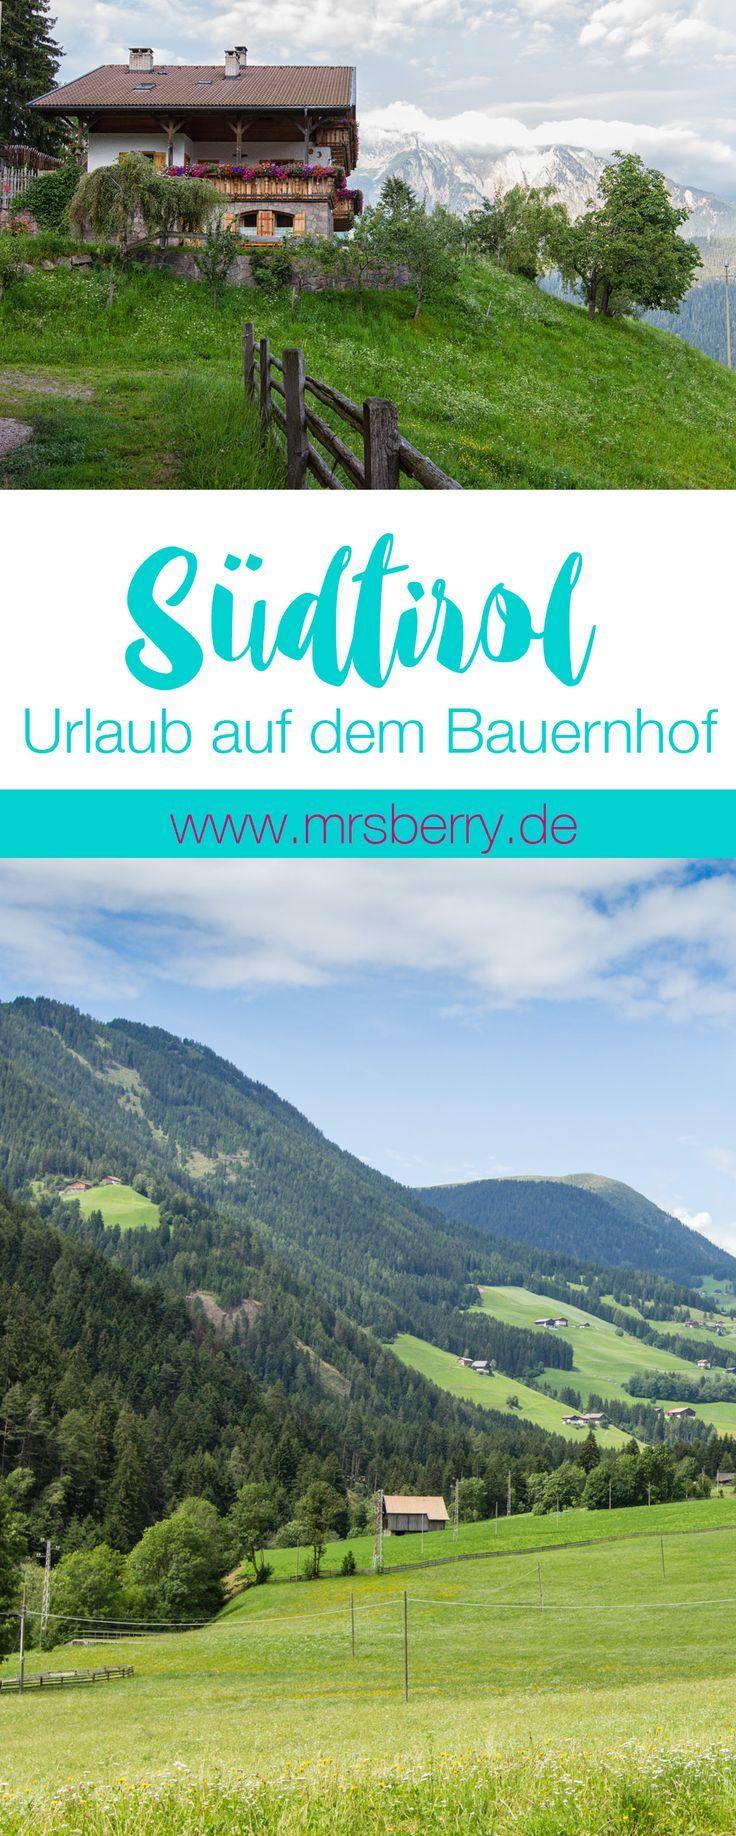 Südtirol mit Kind   Urlaub auf dem Bauernhof im wunderschönen Sarntal.   MrsBerry Familien- & Reiseblog http://.mrsberry.de